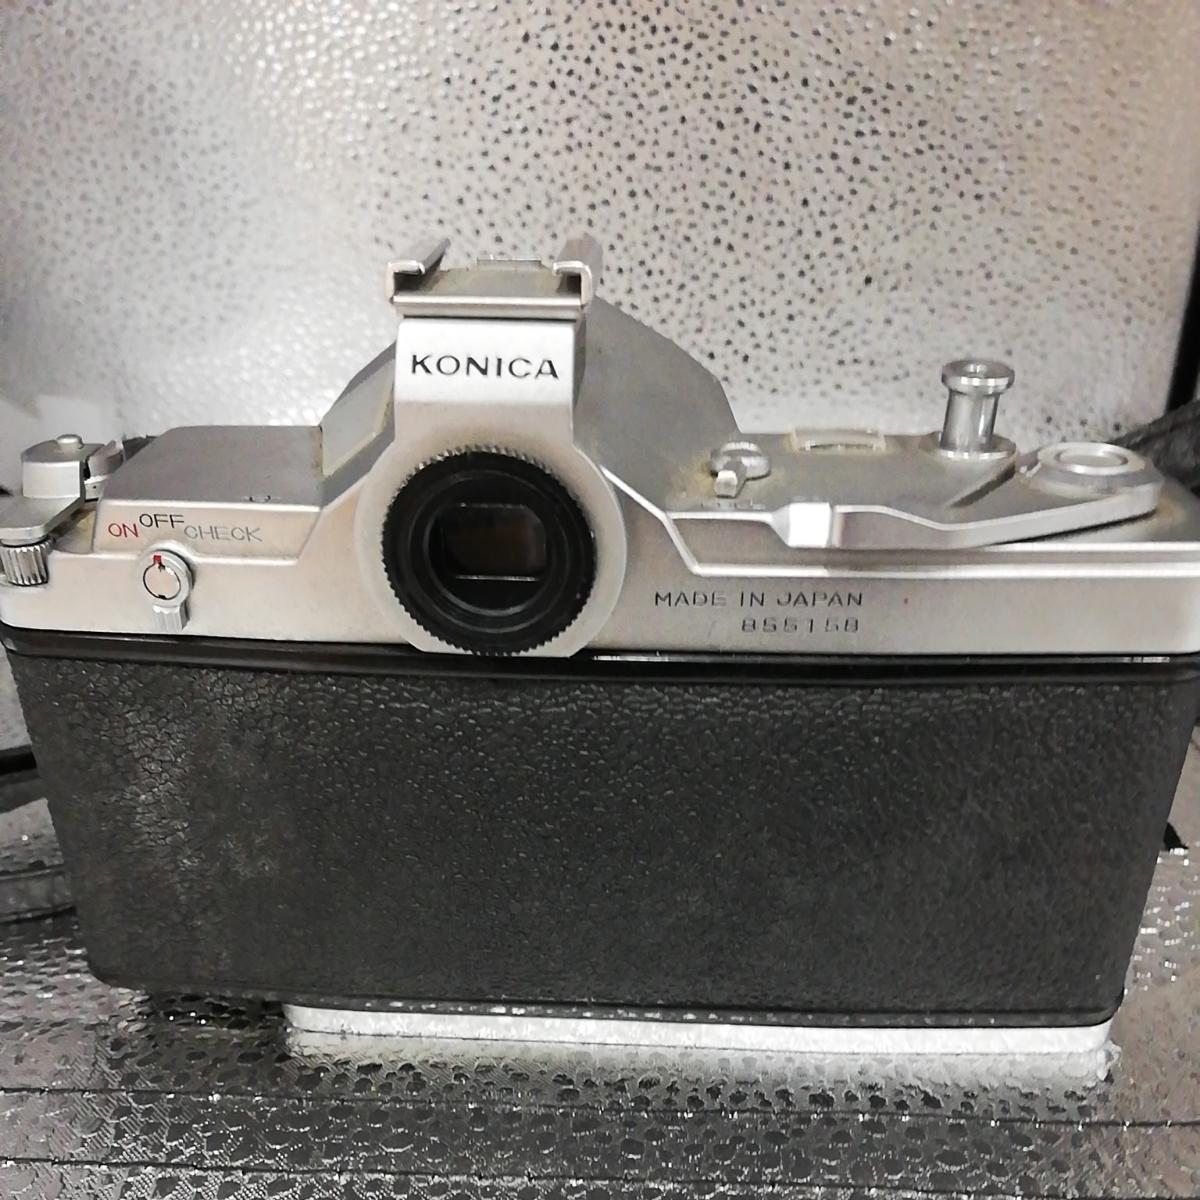 【中古品】KONICA コニカ オートレックス 一眼レフカメラ _画像3